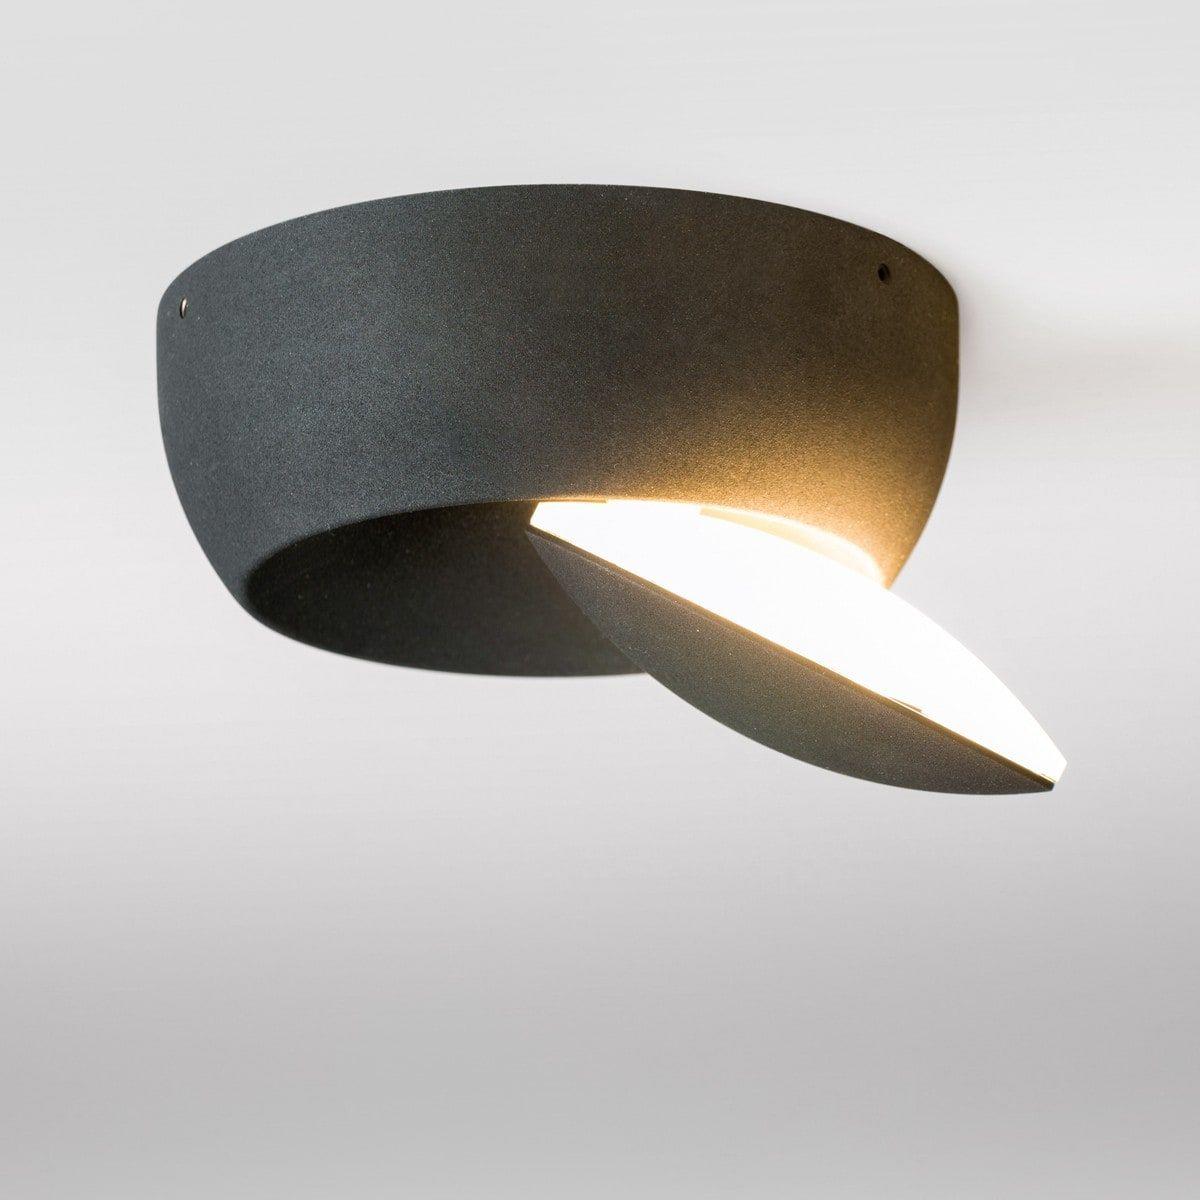 Deckenlampe Halogen Deckenleuchten Design Edelstahl Deckenlampe Online Kaufen Deckenbeleuchtung Wohn Led Stehleuchte Deckenleuchten Design Deckenleuchten